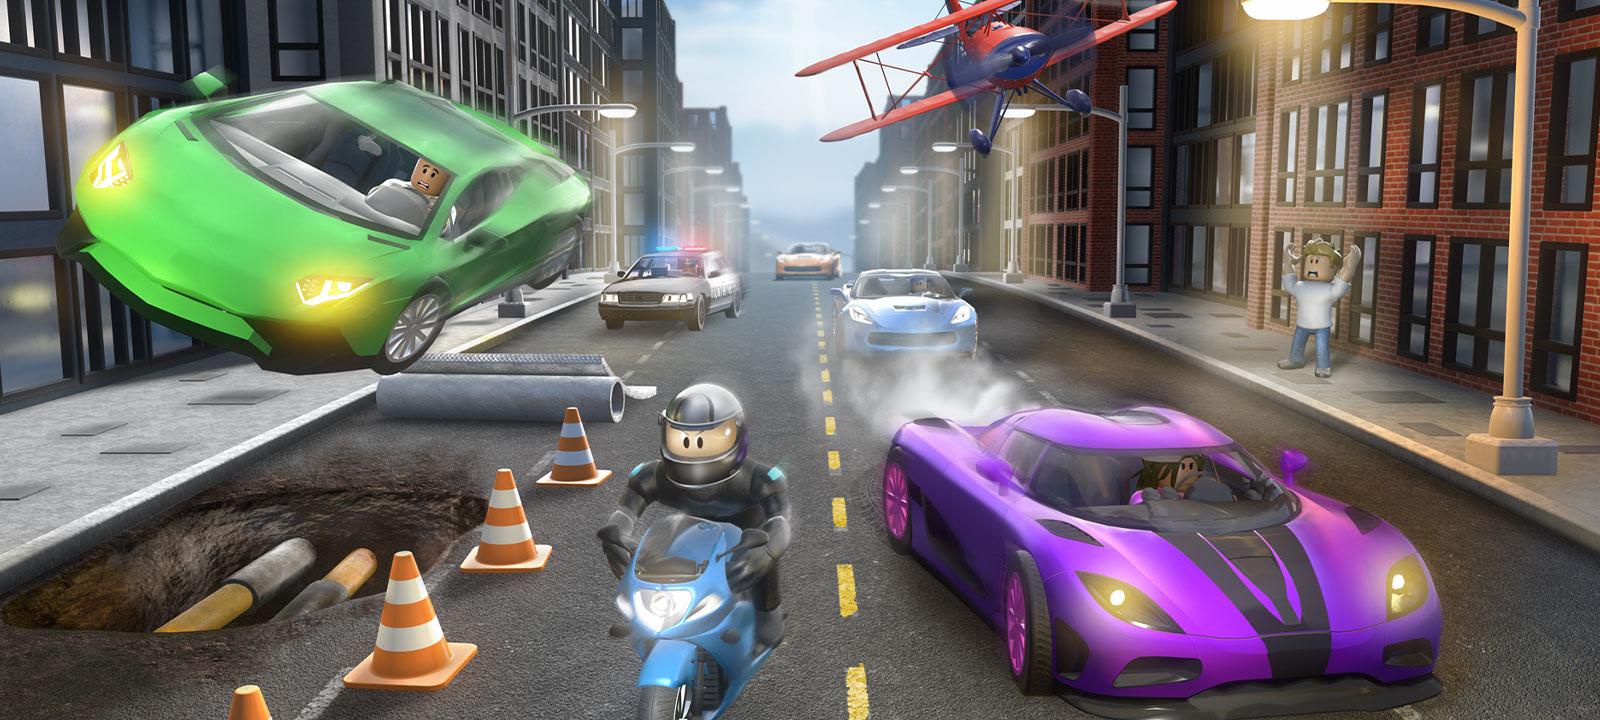 Postać z gry Roblox Vehicle Simulator na ulicy miasta na motocyklu, którą gonią inne pojazdy